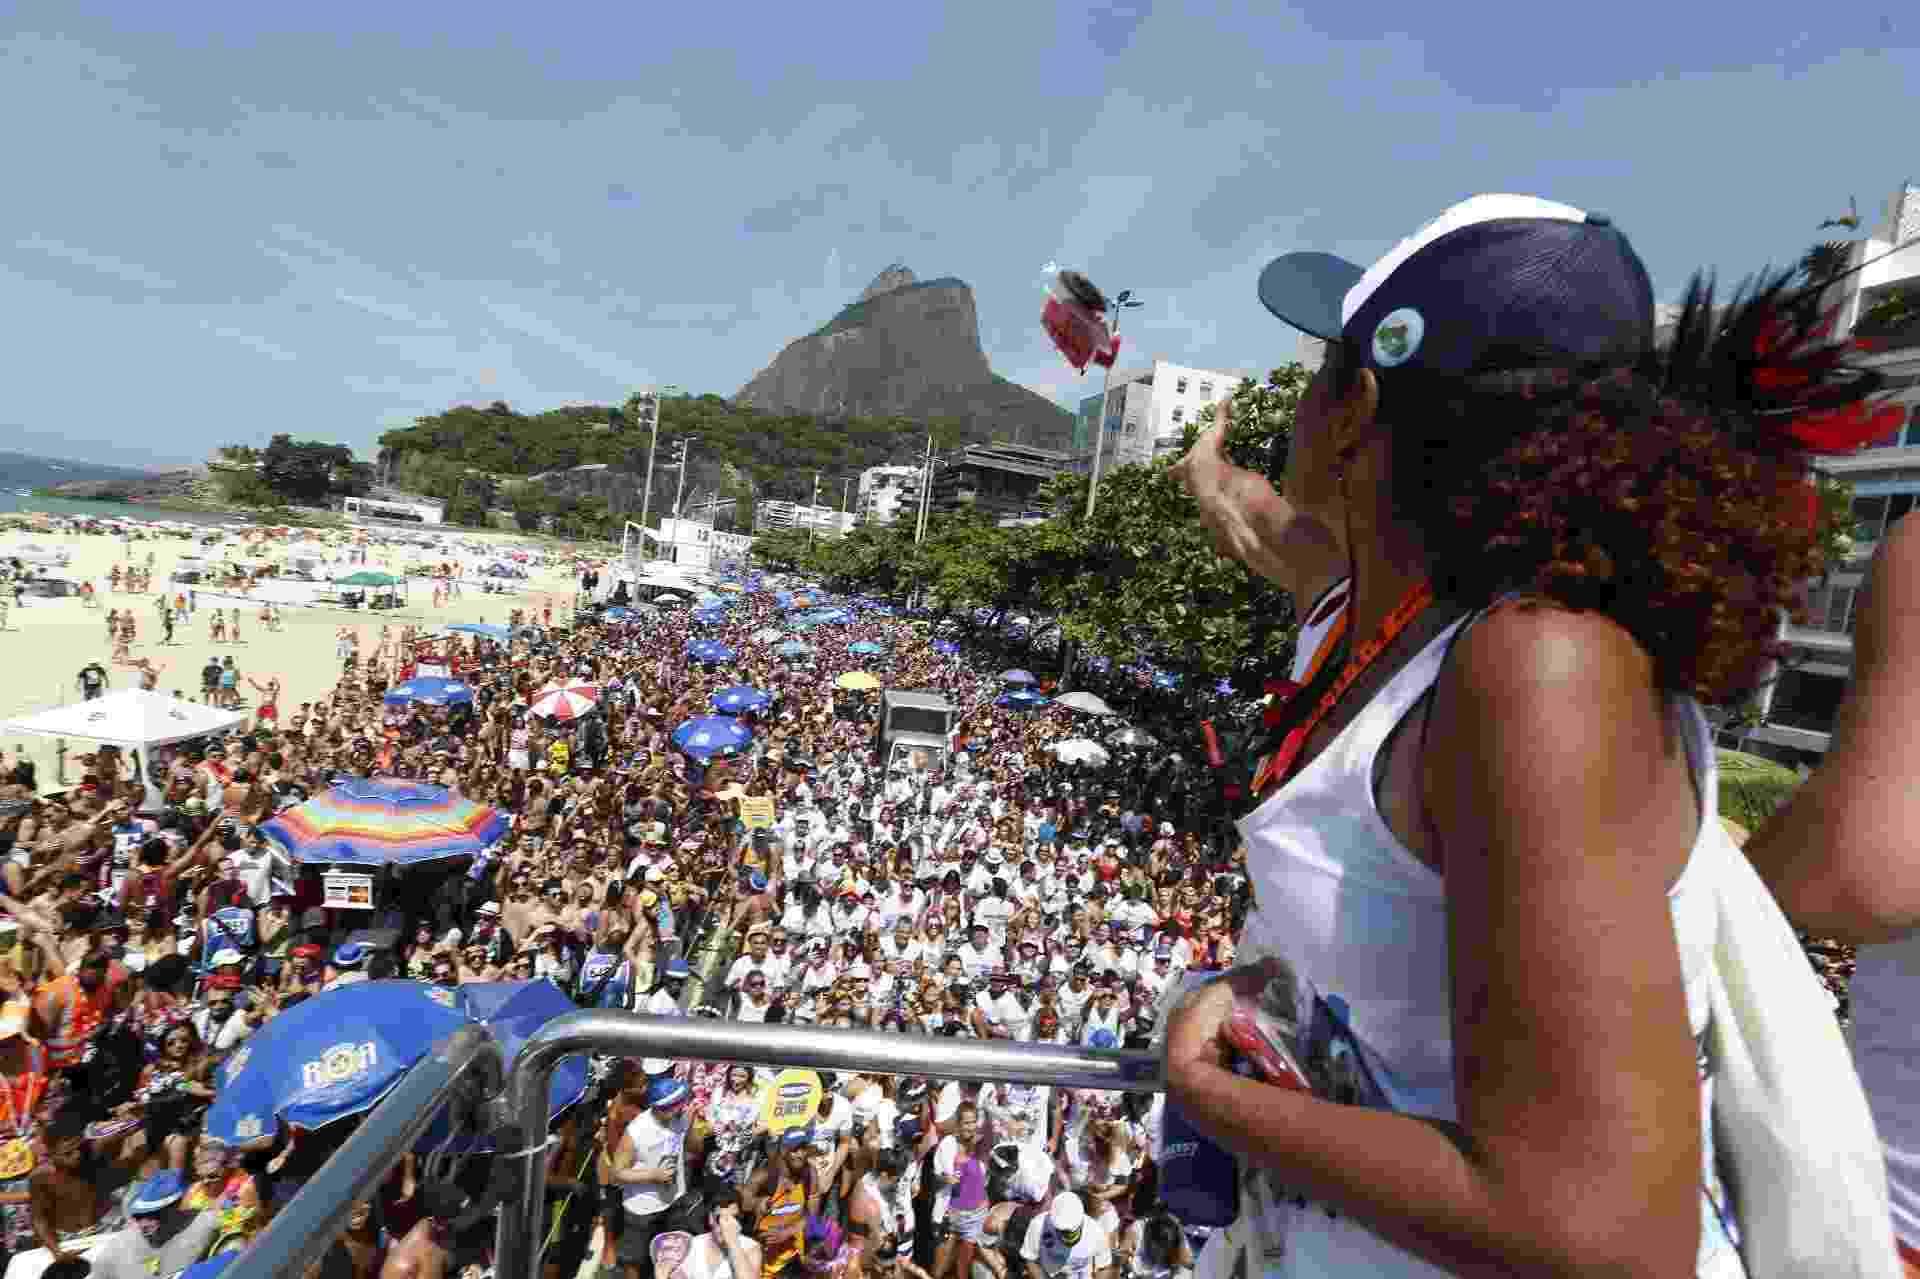 No calor do Rio, Bloco Areia arrasta multidão na orla do Leblon - Marcelo de Jesus/UOL